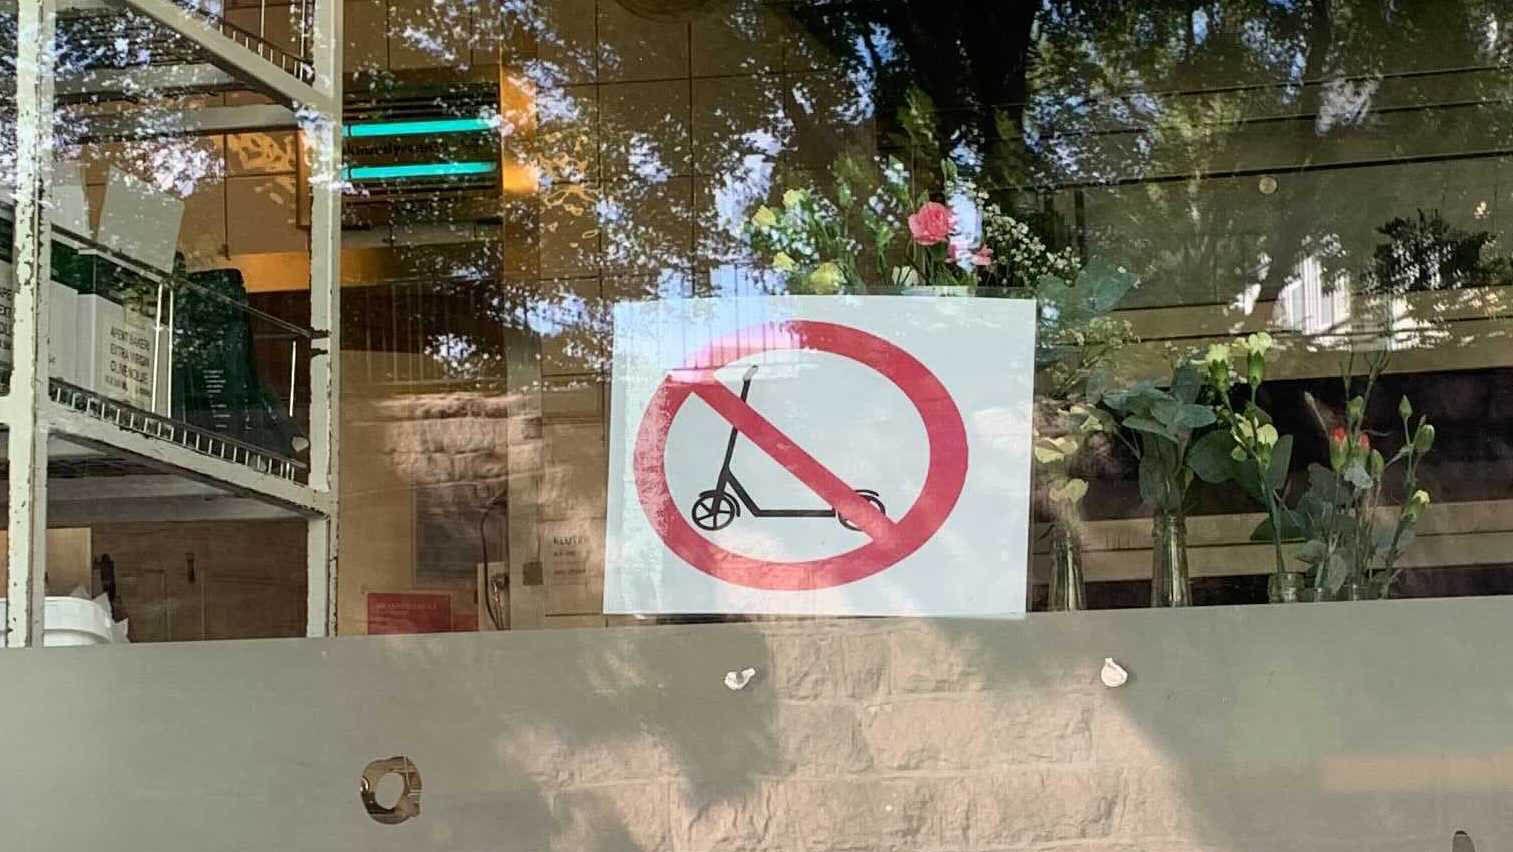 Forbudt for el-sparkesykler